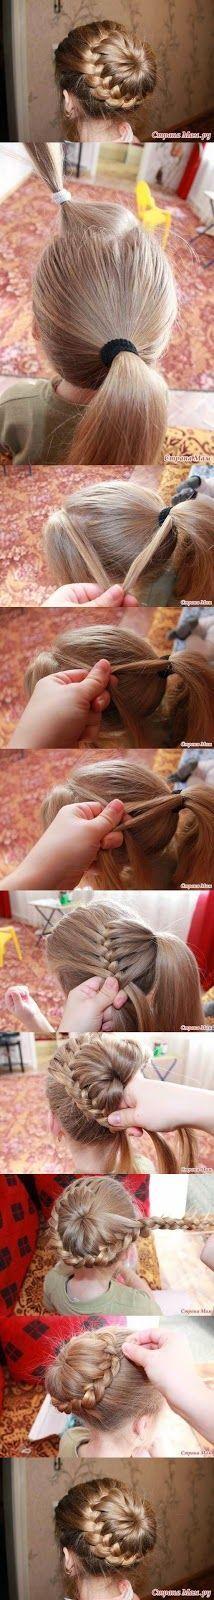 Princesa en Bancarrota: 10 peinados que debes intentar este 14 de Febrero